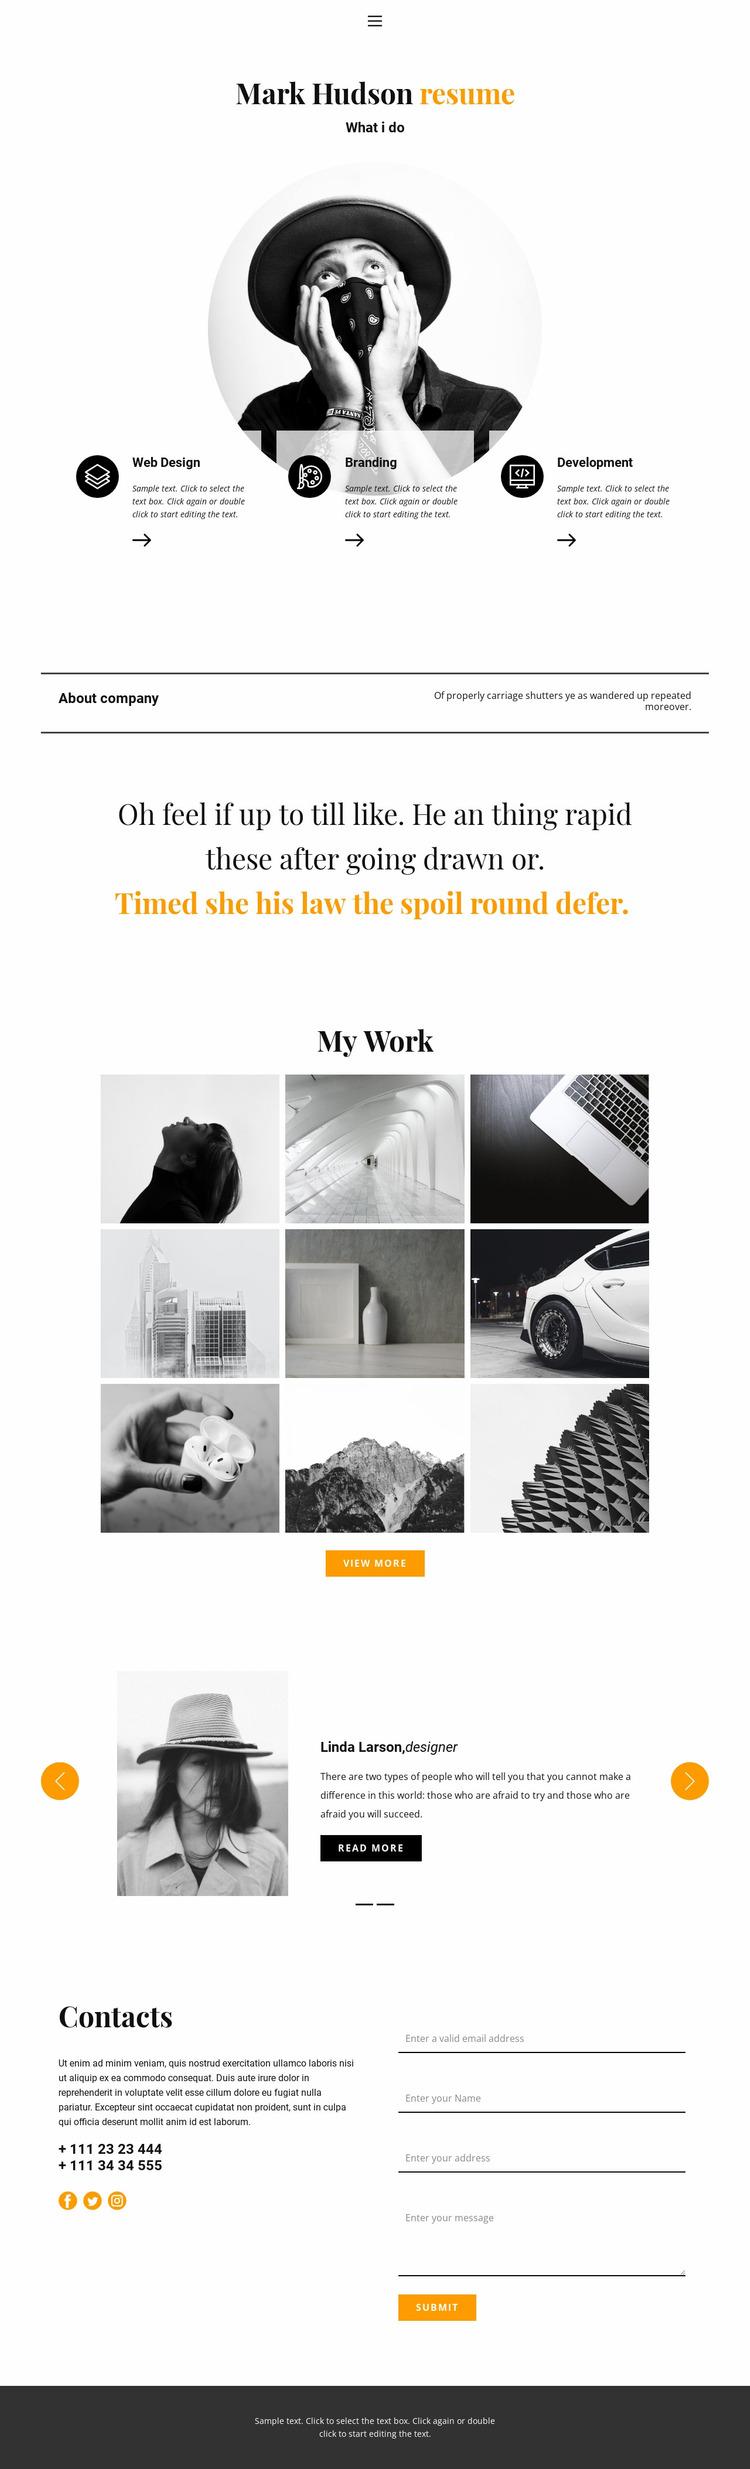 Web designer resume Website Mockup